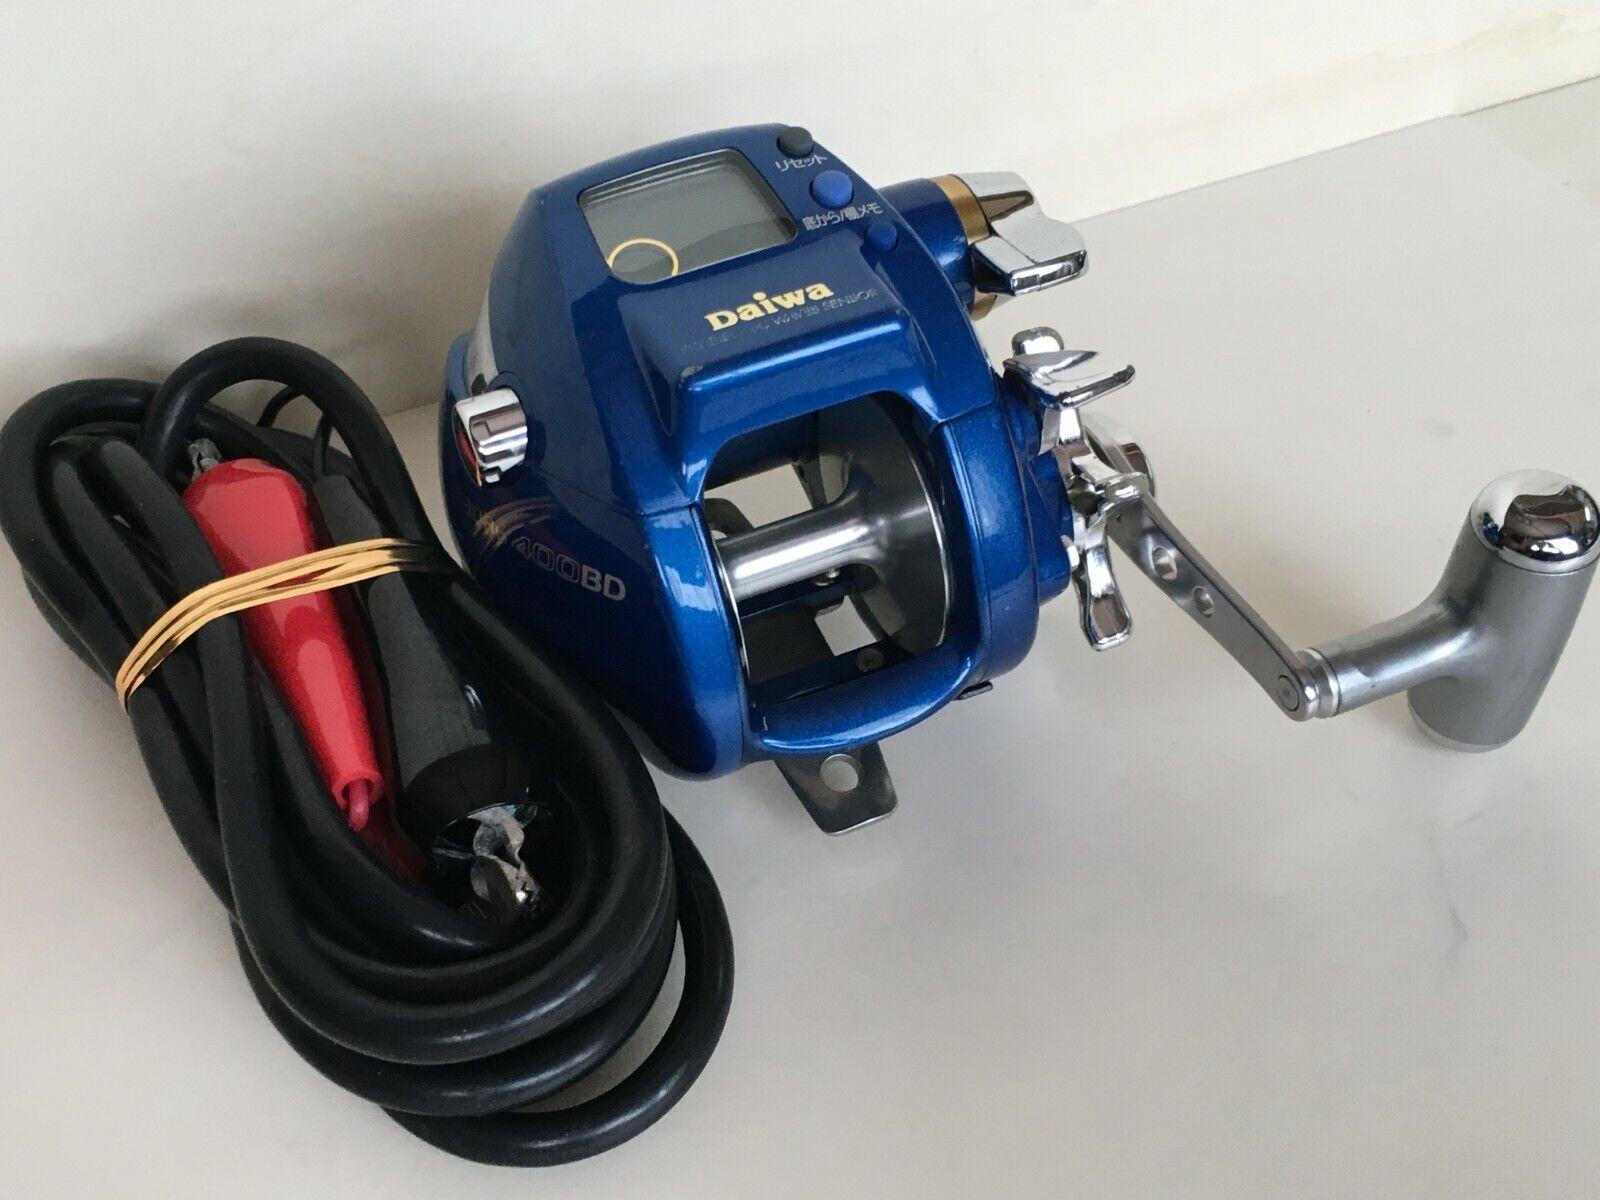 Daiwa Seaborg 400BD Gran Juego De Agua Salada Cocherete Electrico Mar Profundo Muy Buena